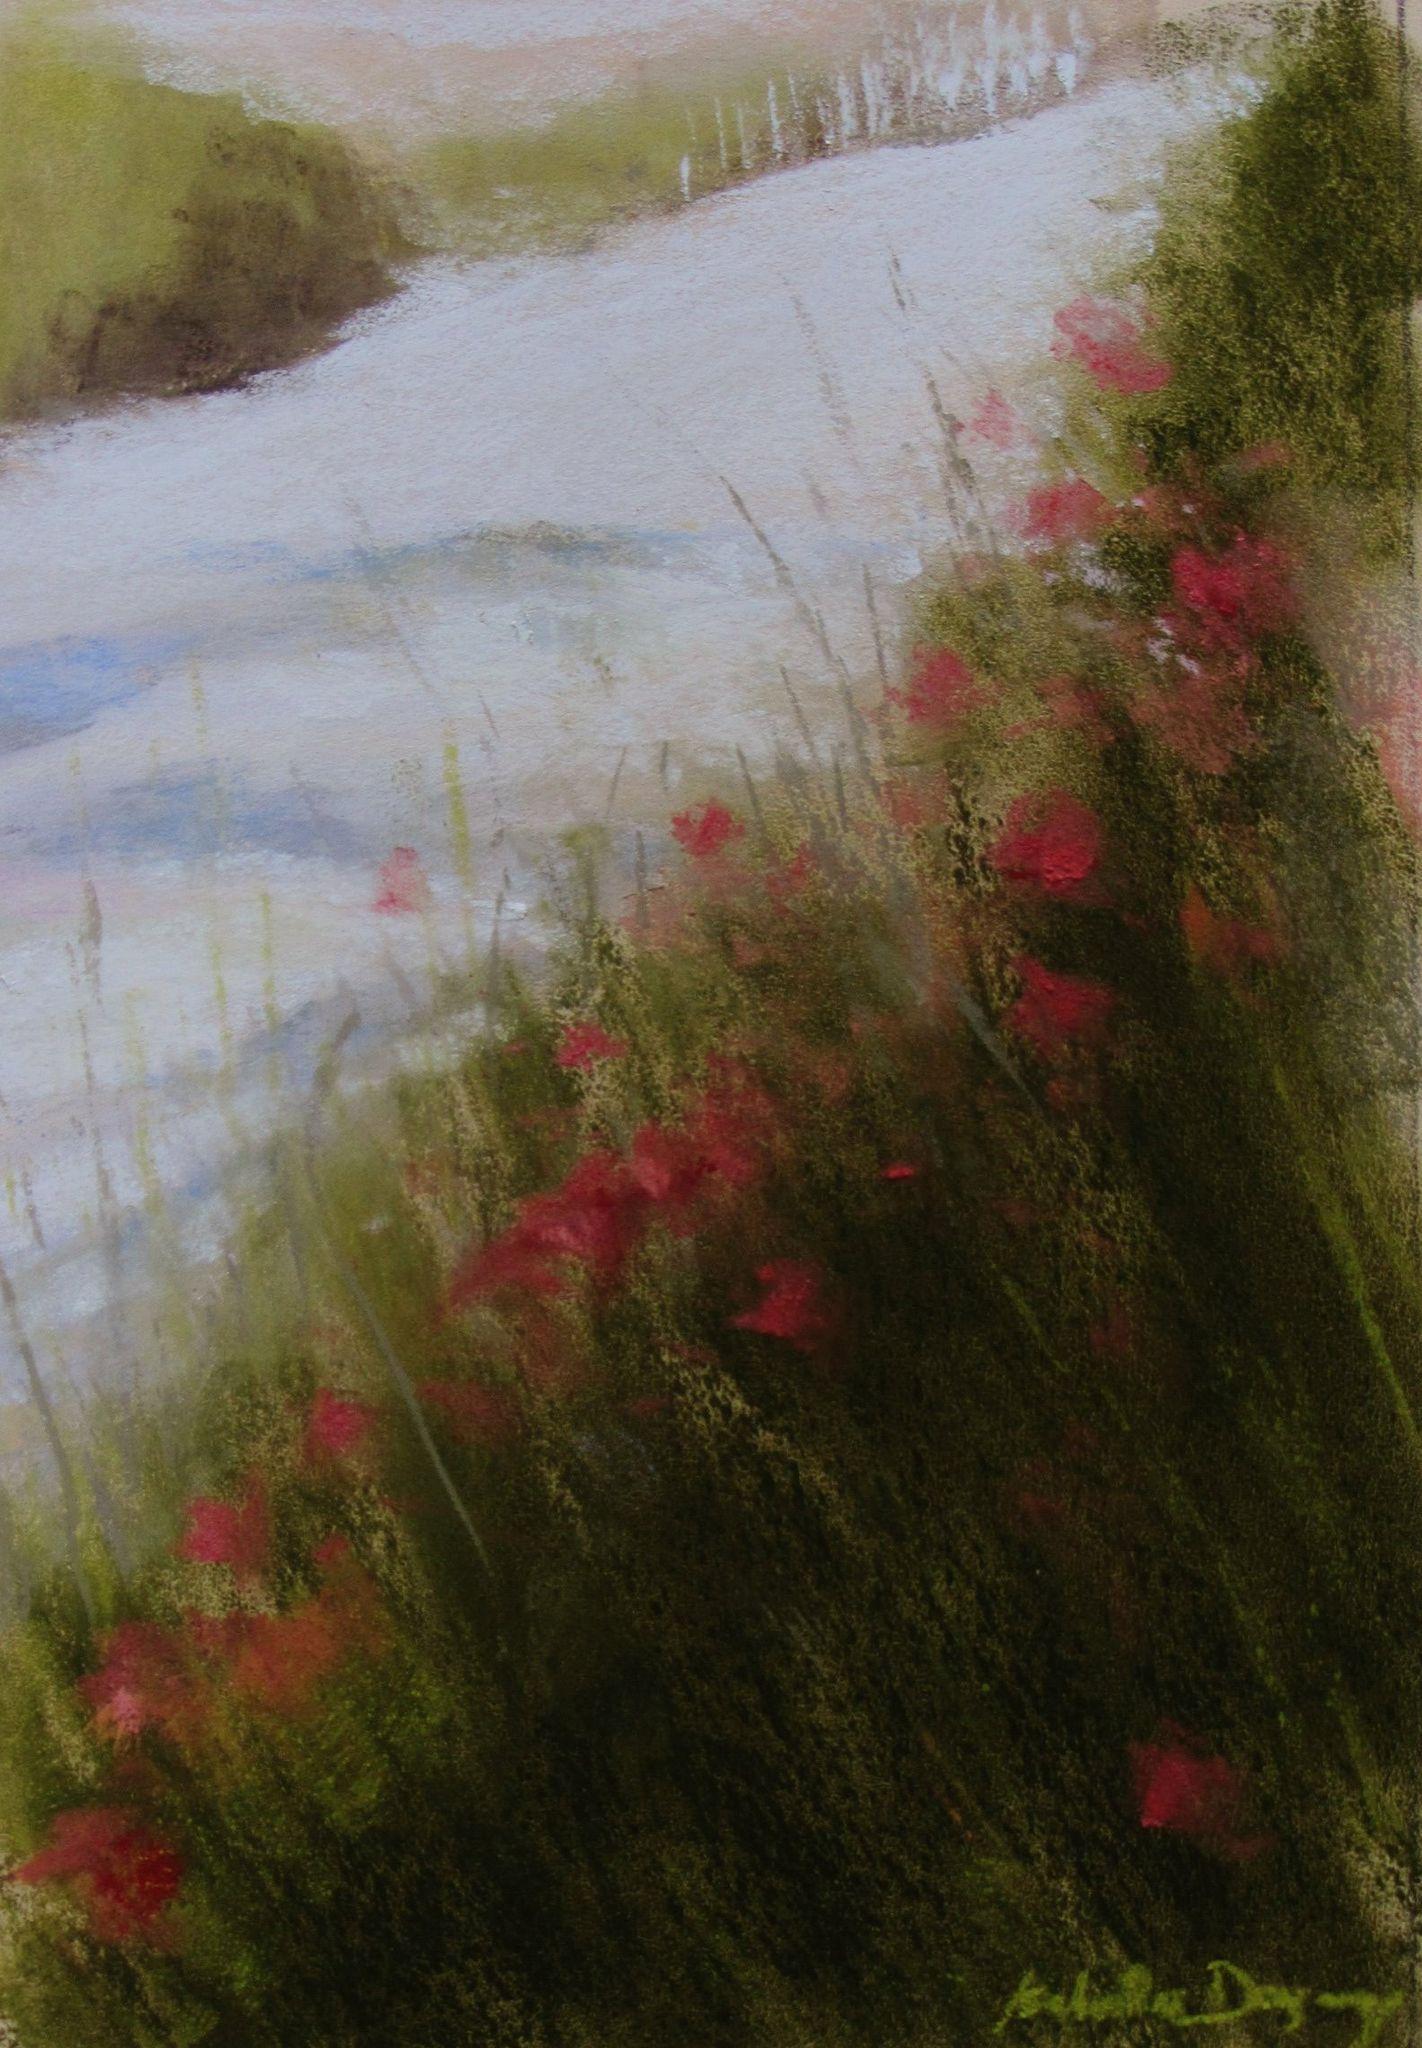 Sur le chemin aux coquelicots à Saint-Jacut-de-la-mer - Peinture au pastel sec par l'artiste peintre Isabelle Douzamy - 39x50 cm (encadré)